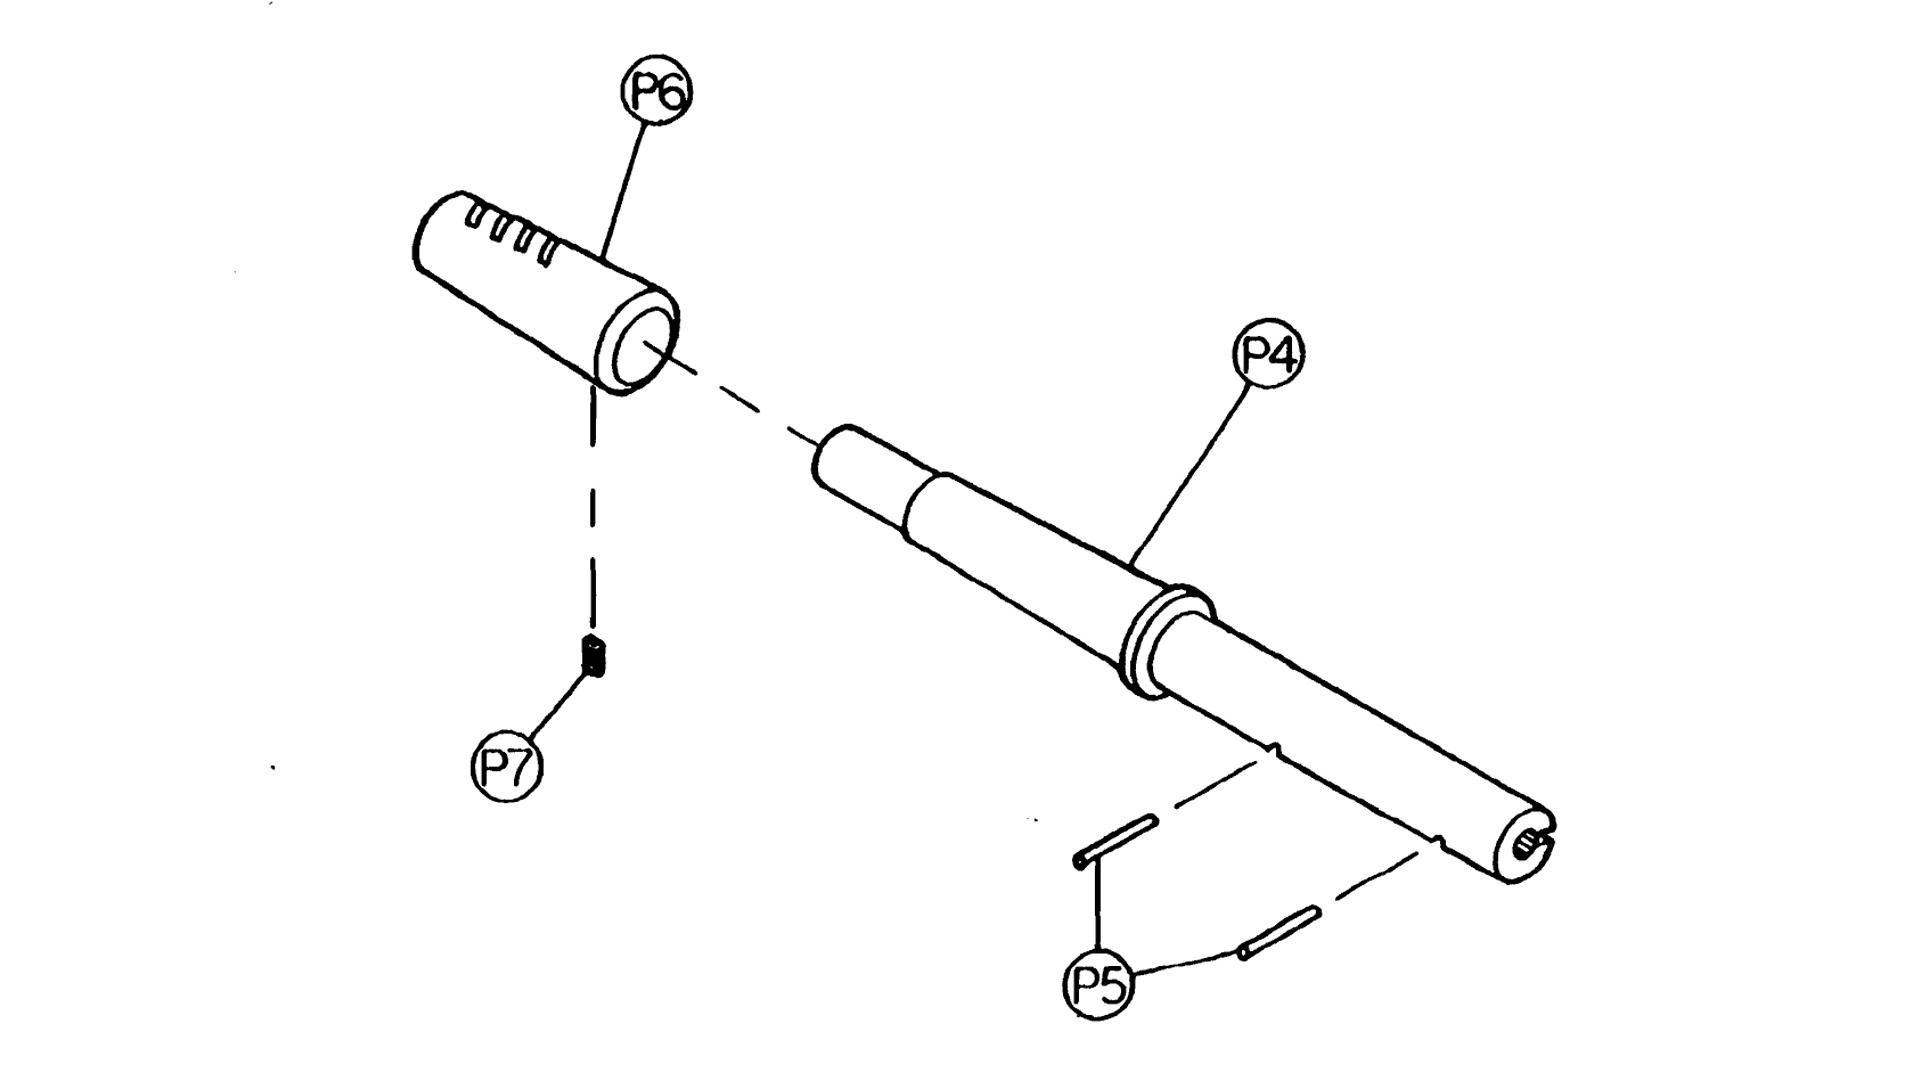 M-110 Pistol Barrel Breakdown